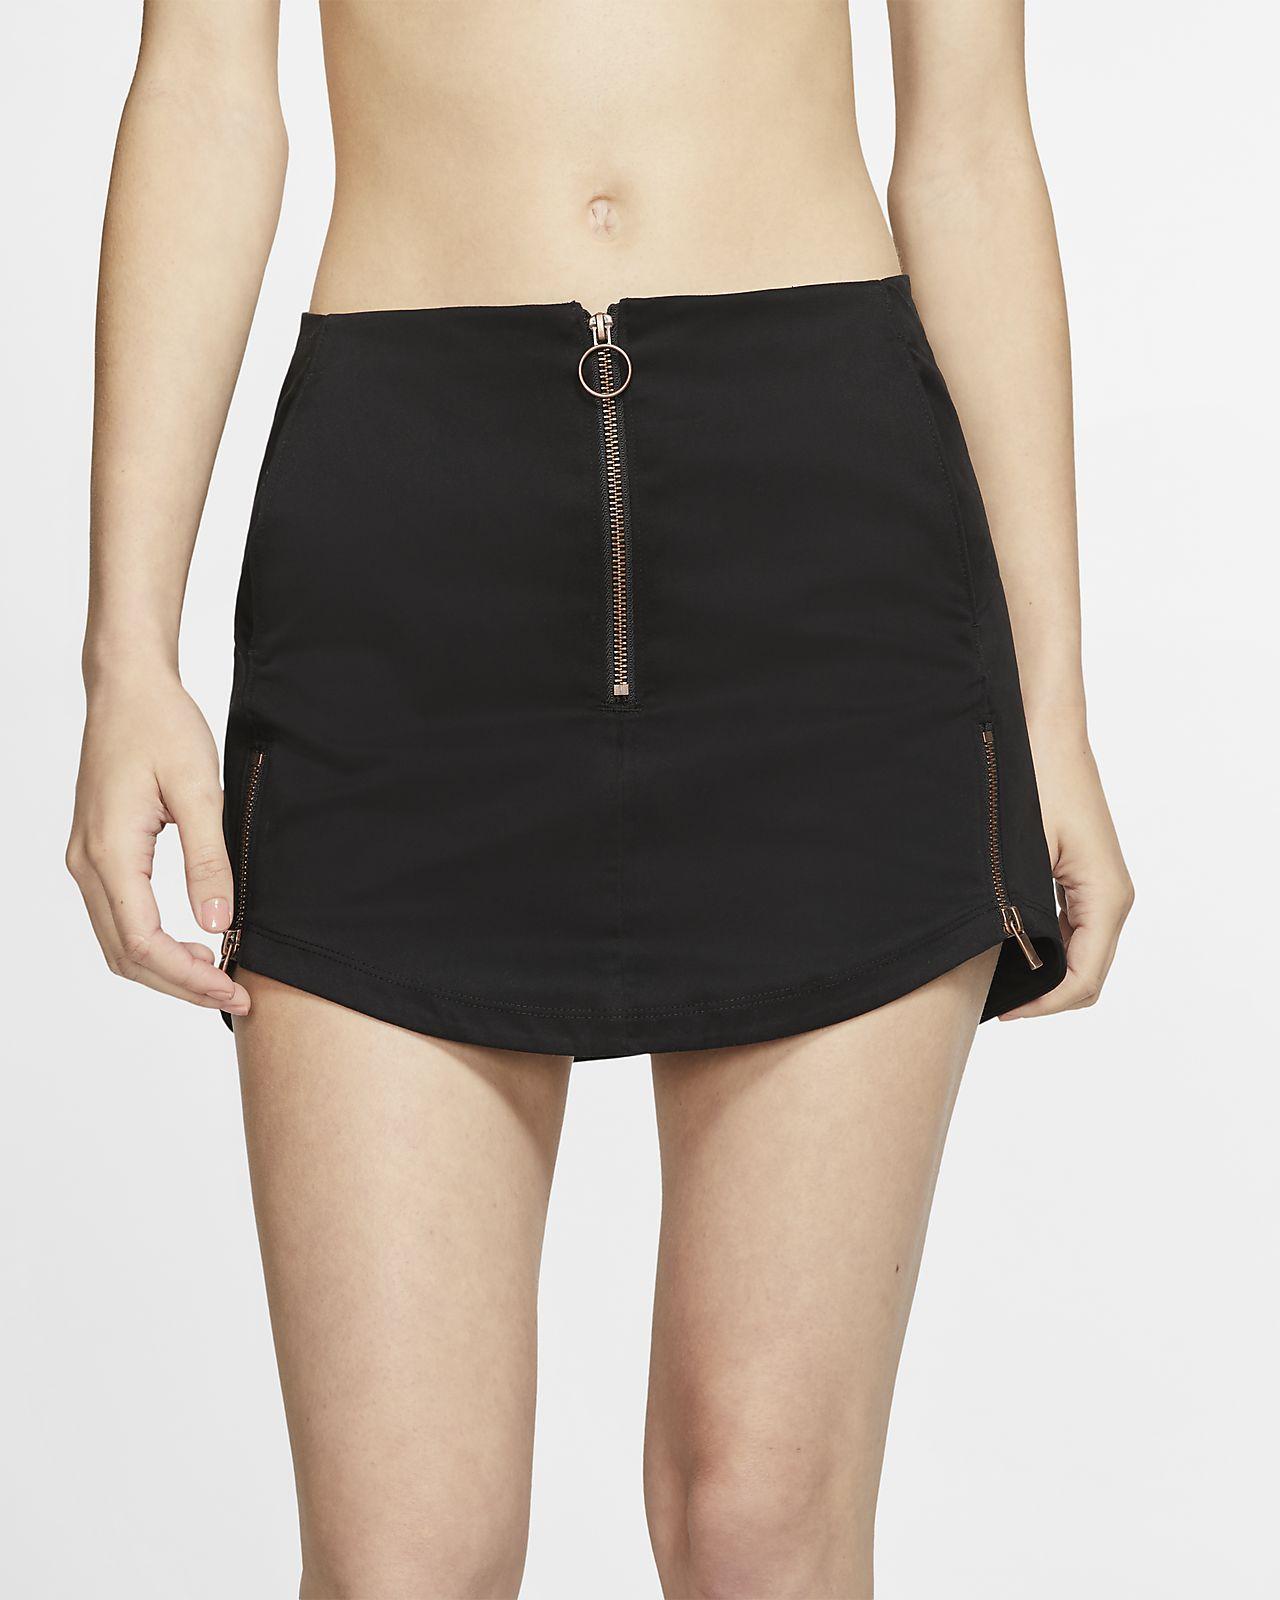 Hurley Sueded Zip Women's Skirt